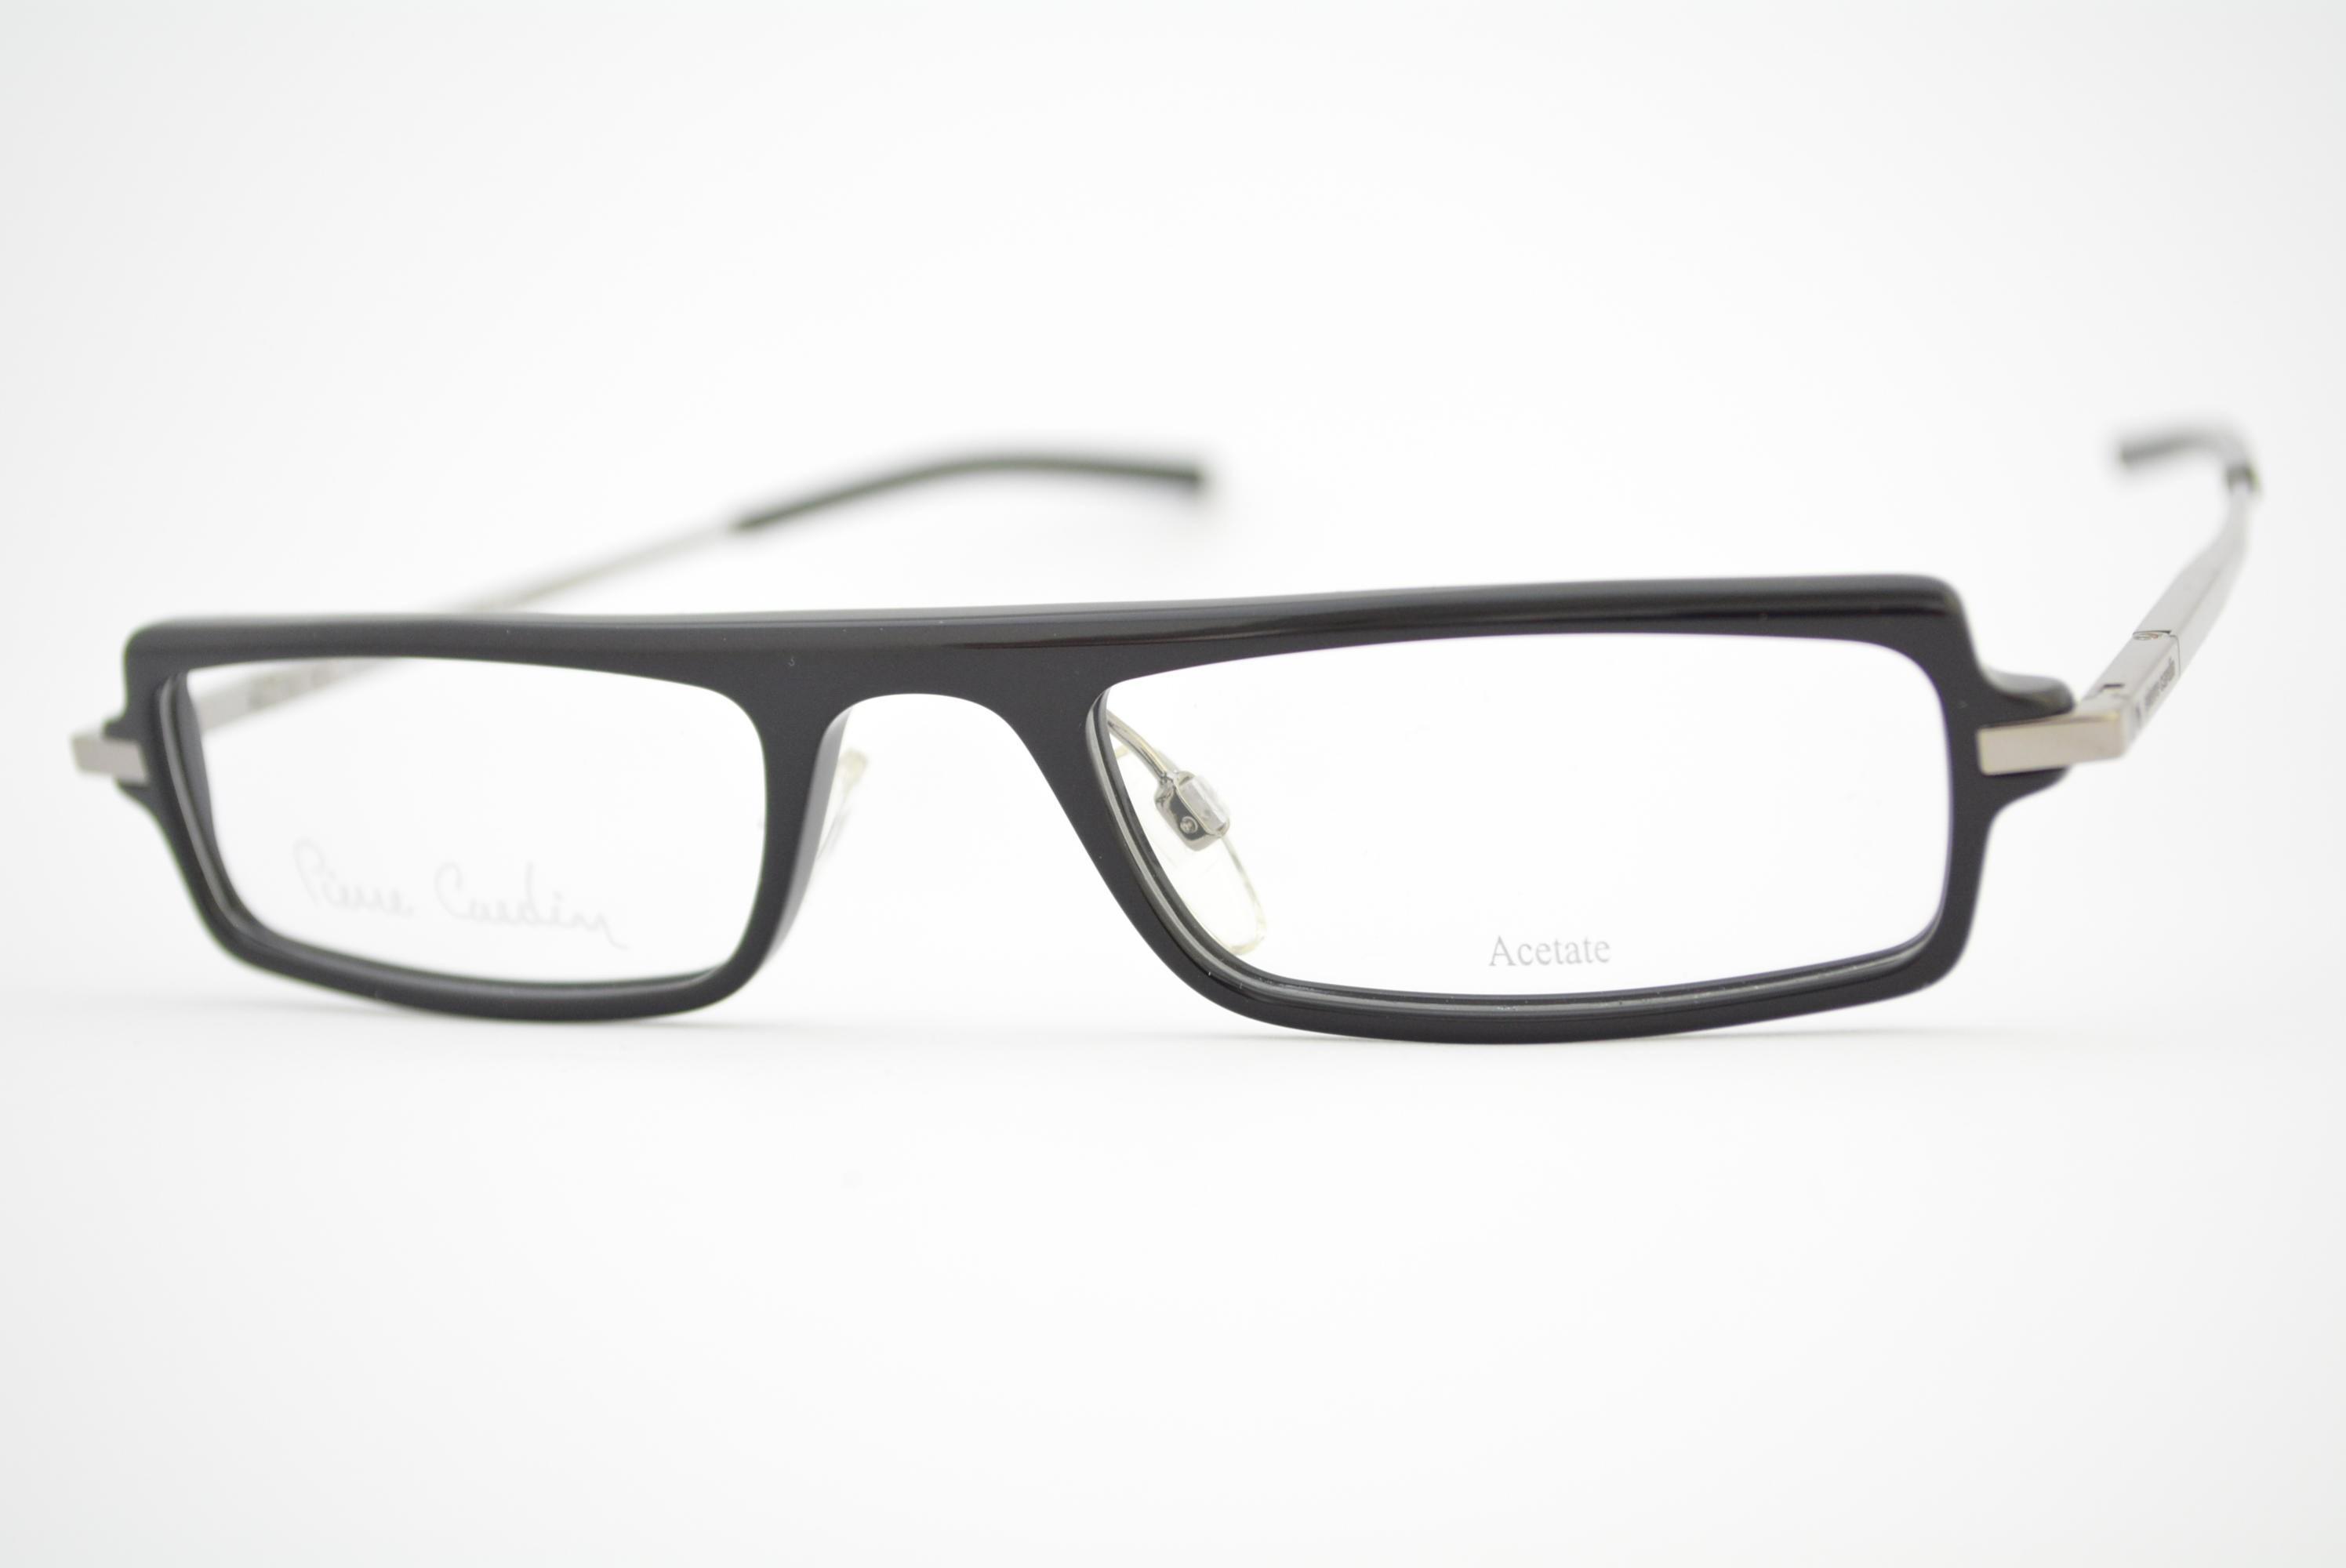 ecb23dc1c armação de óculos Pierre Cardin mod pc6205 807 Ótica Cardoso